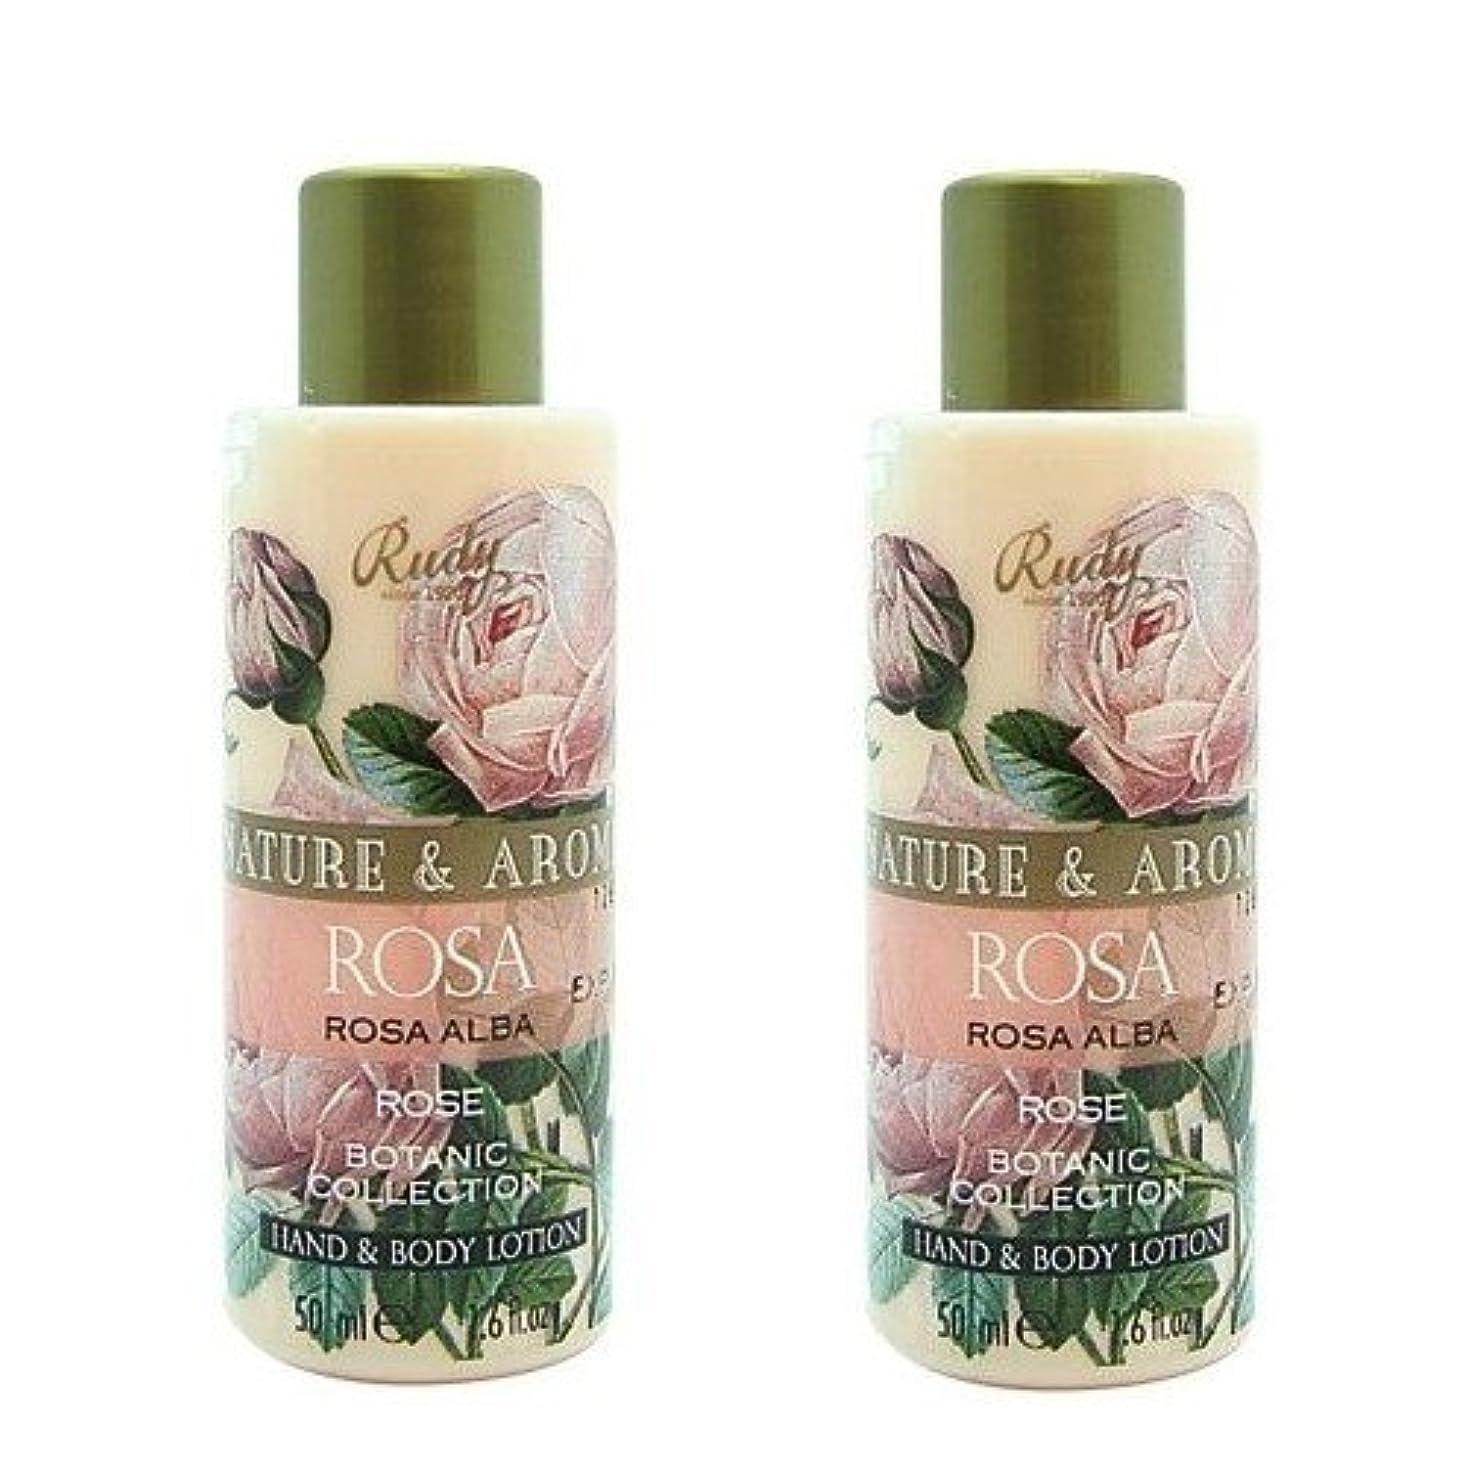 事前に巨大な(2個セット)RUDY Nature&Arome SERIES ルディ ナチュール&アロマ Mini Body lotion ミニボディローション ローズ